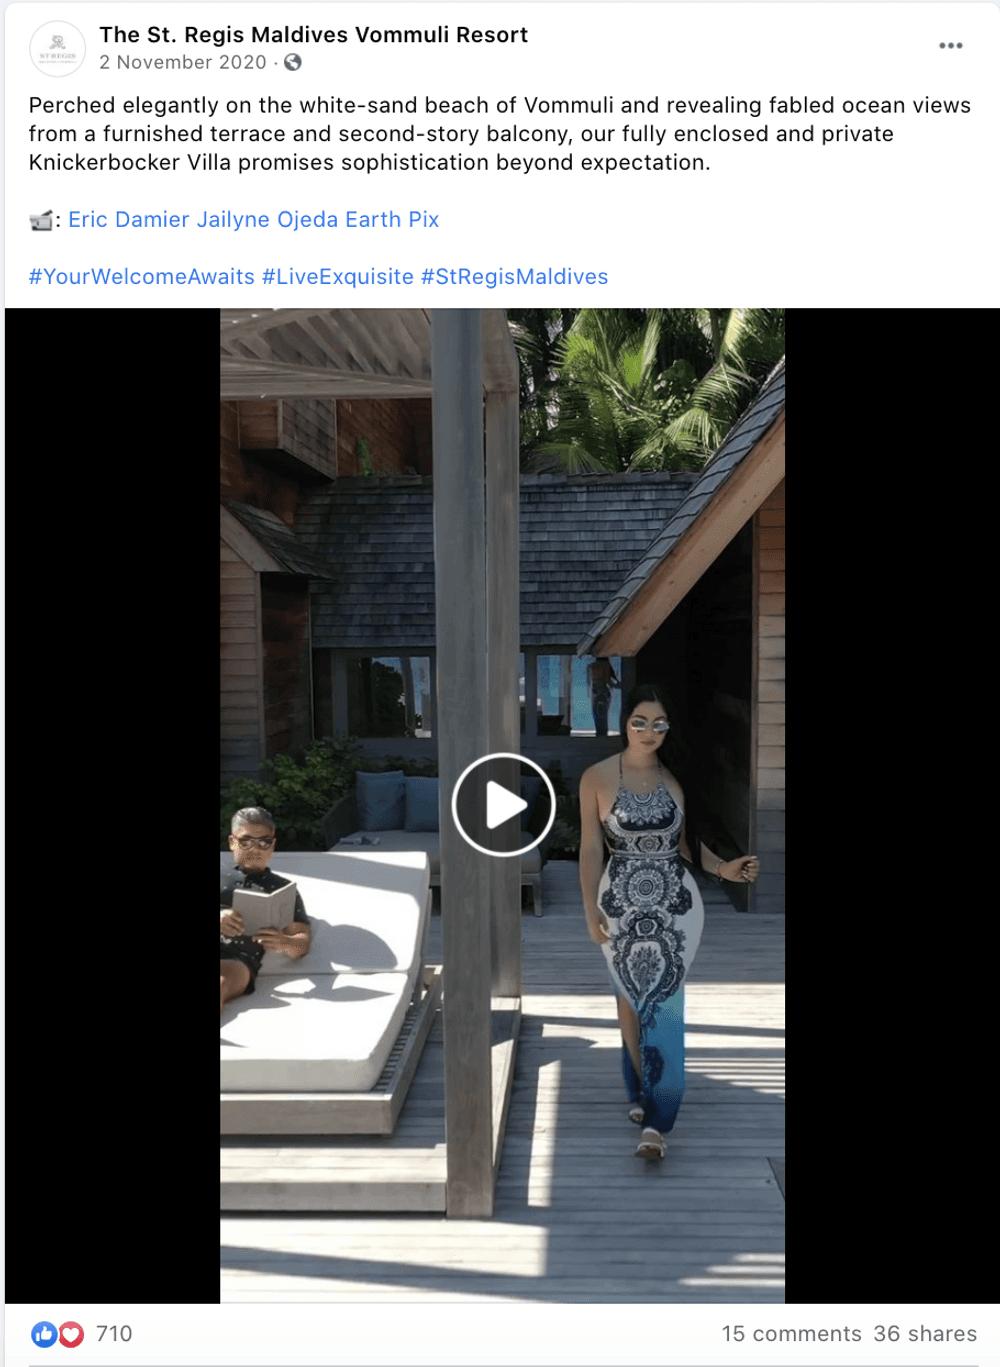 Luxury Travel Video